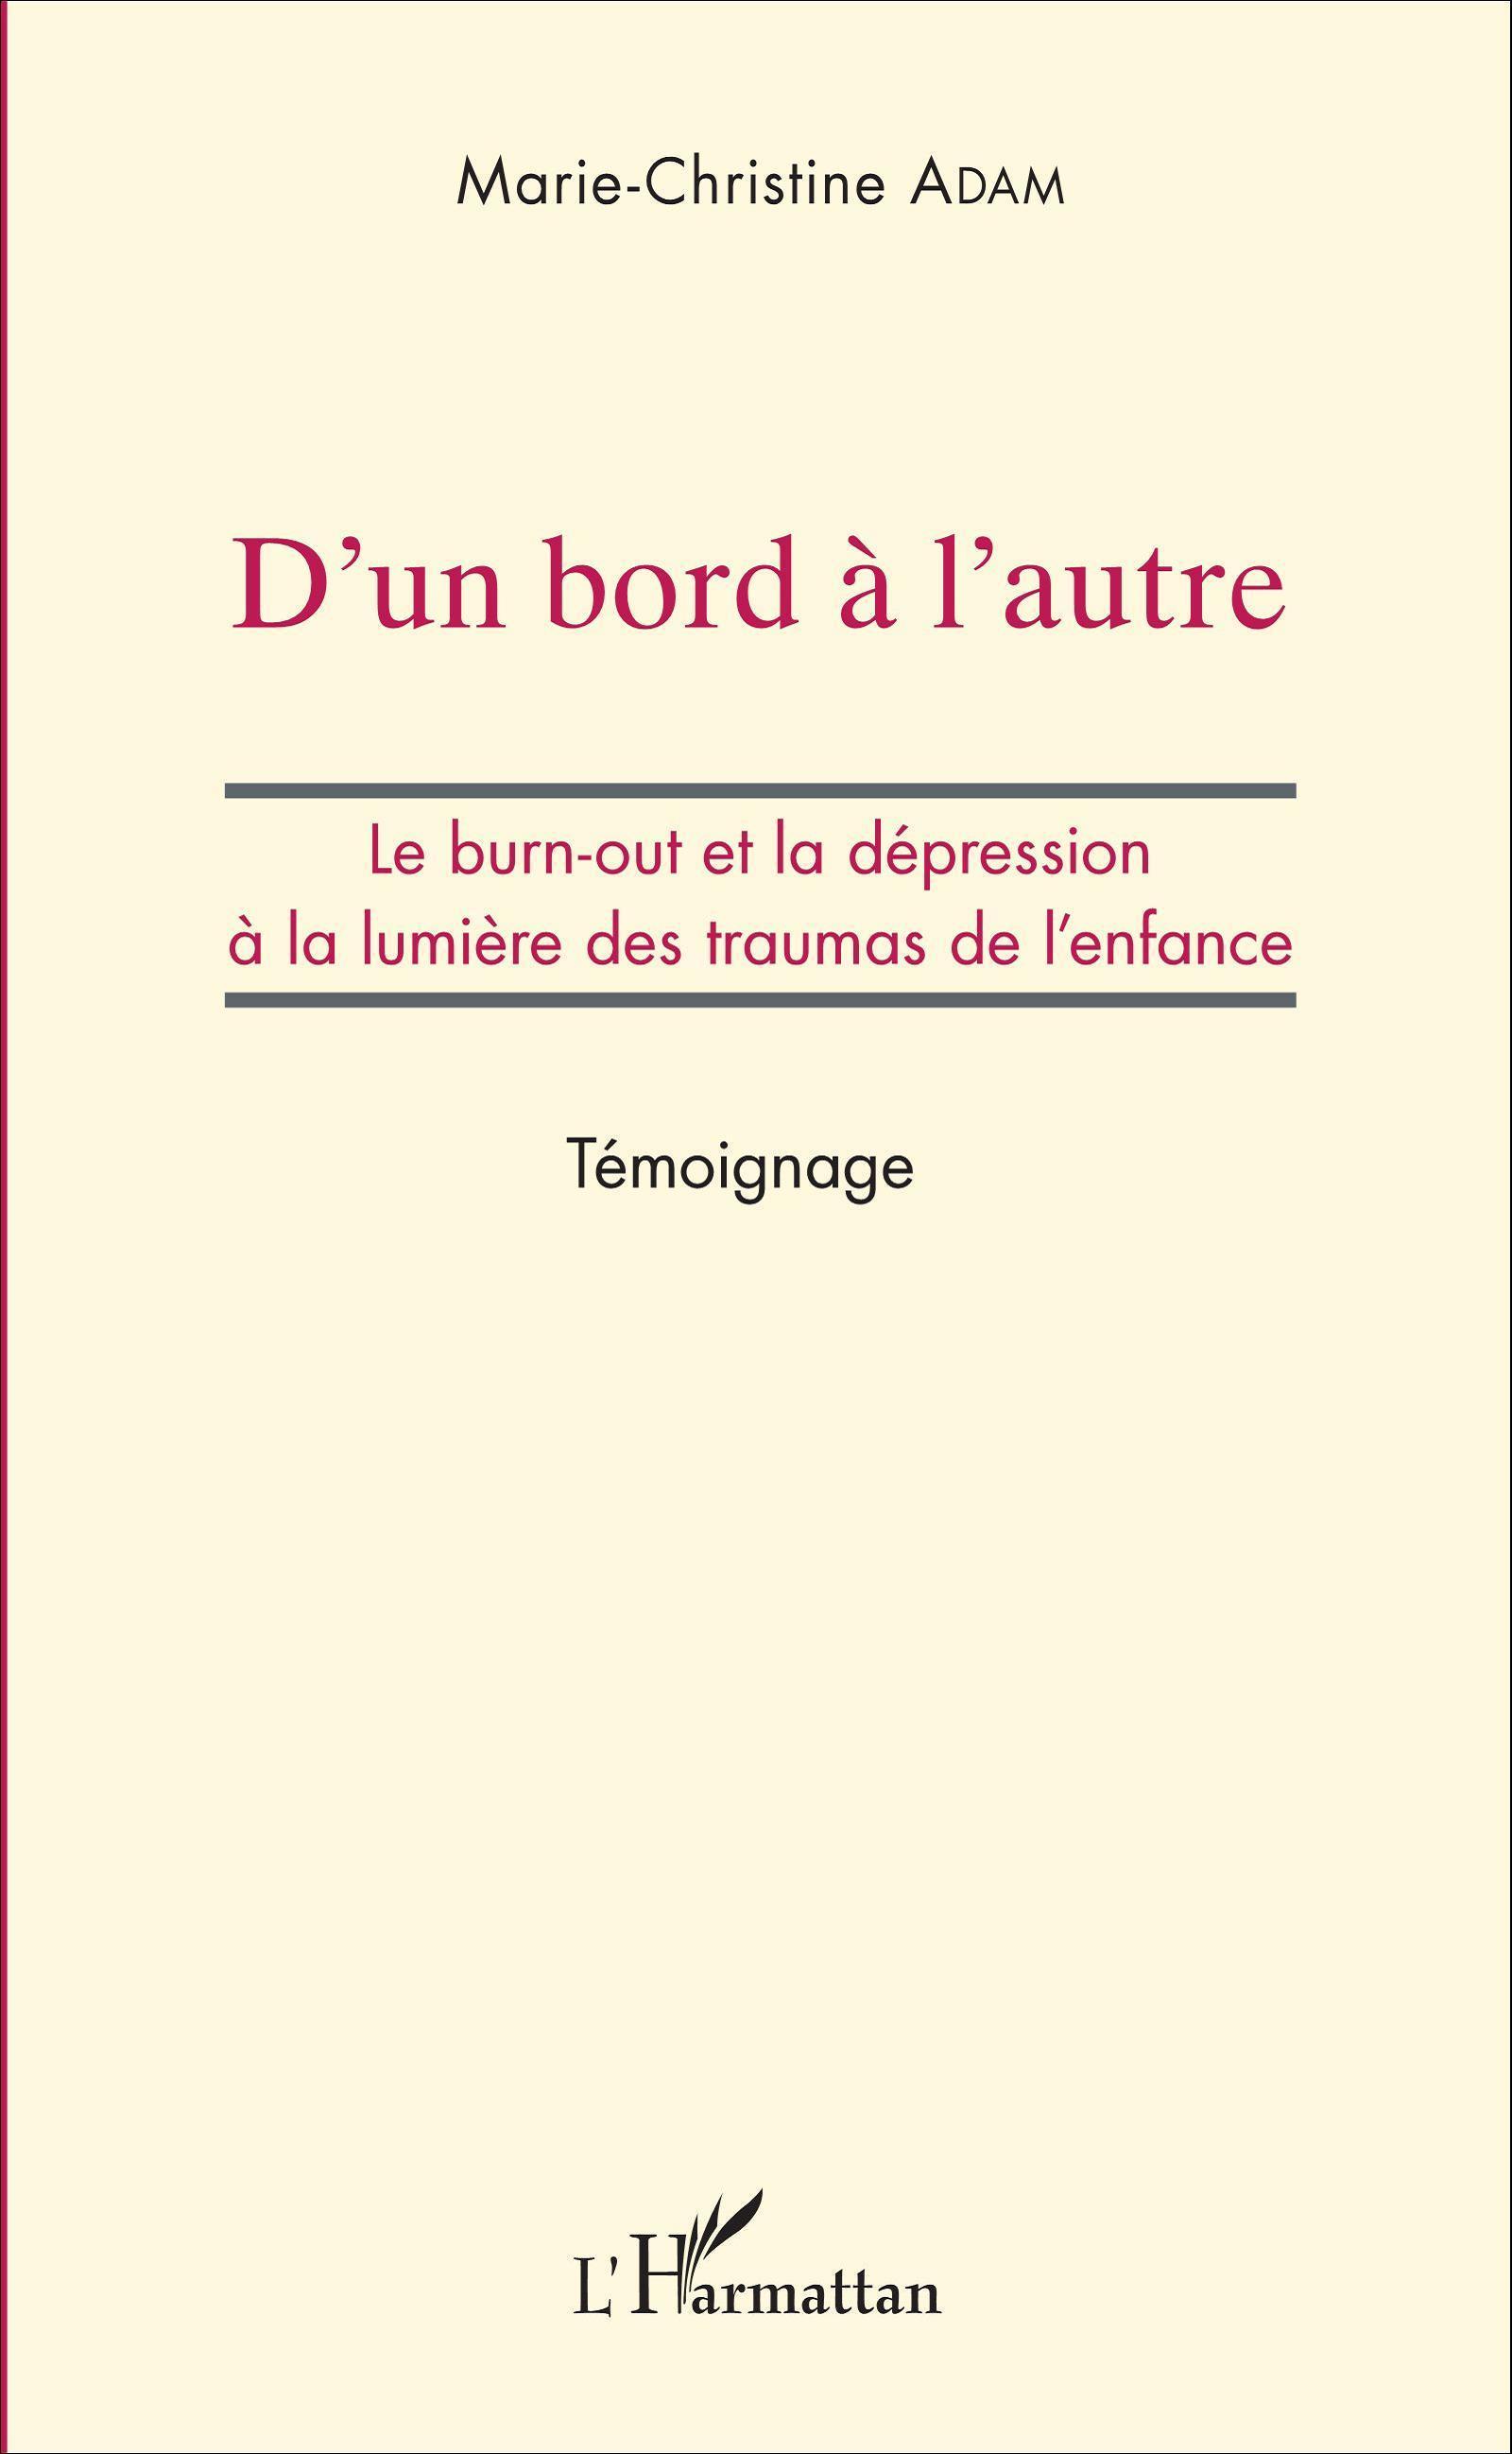 D'UN BORD A L'AUTRE - LE BURN-OUT ET LA DEPRESSION A LA LUMIERE DES TRAUMAS DE L'ENFANCE - TEMOIGNAG